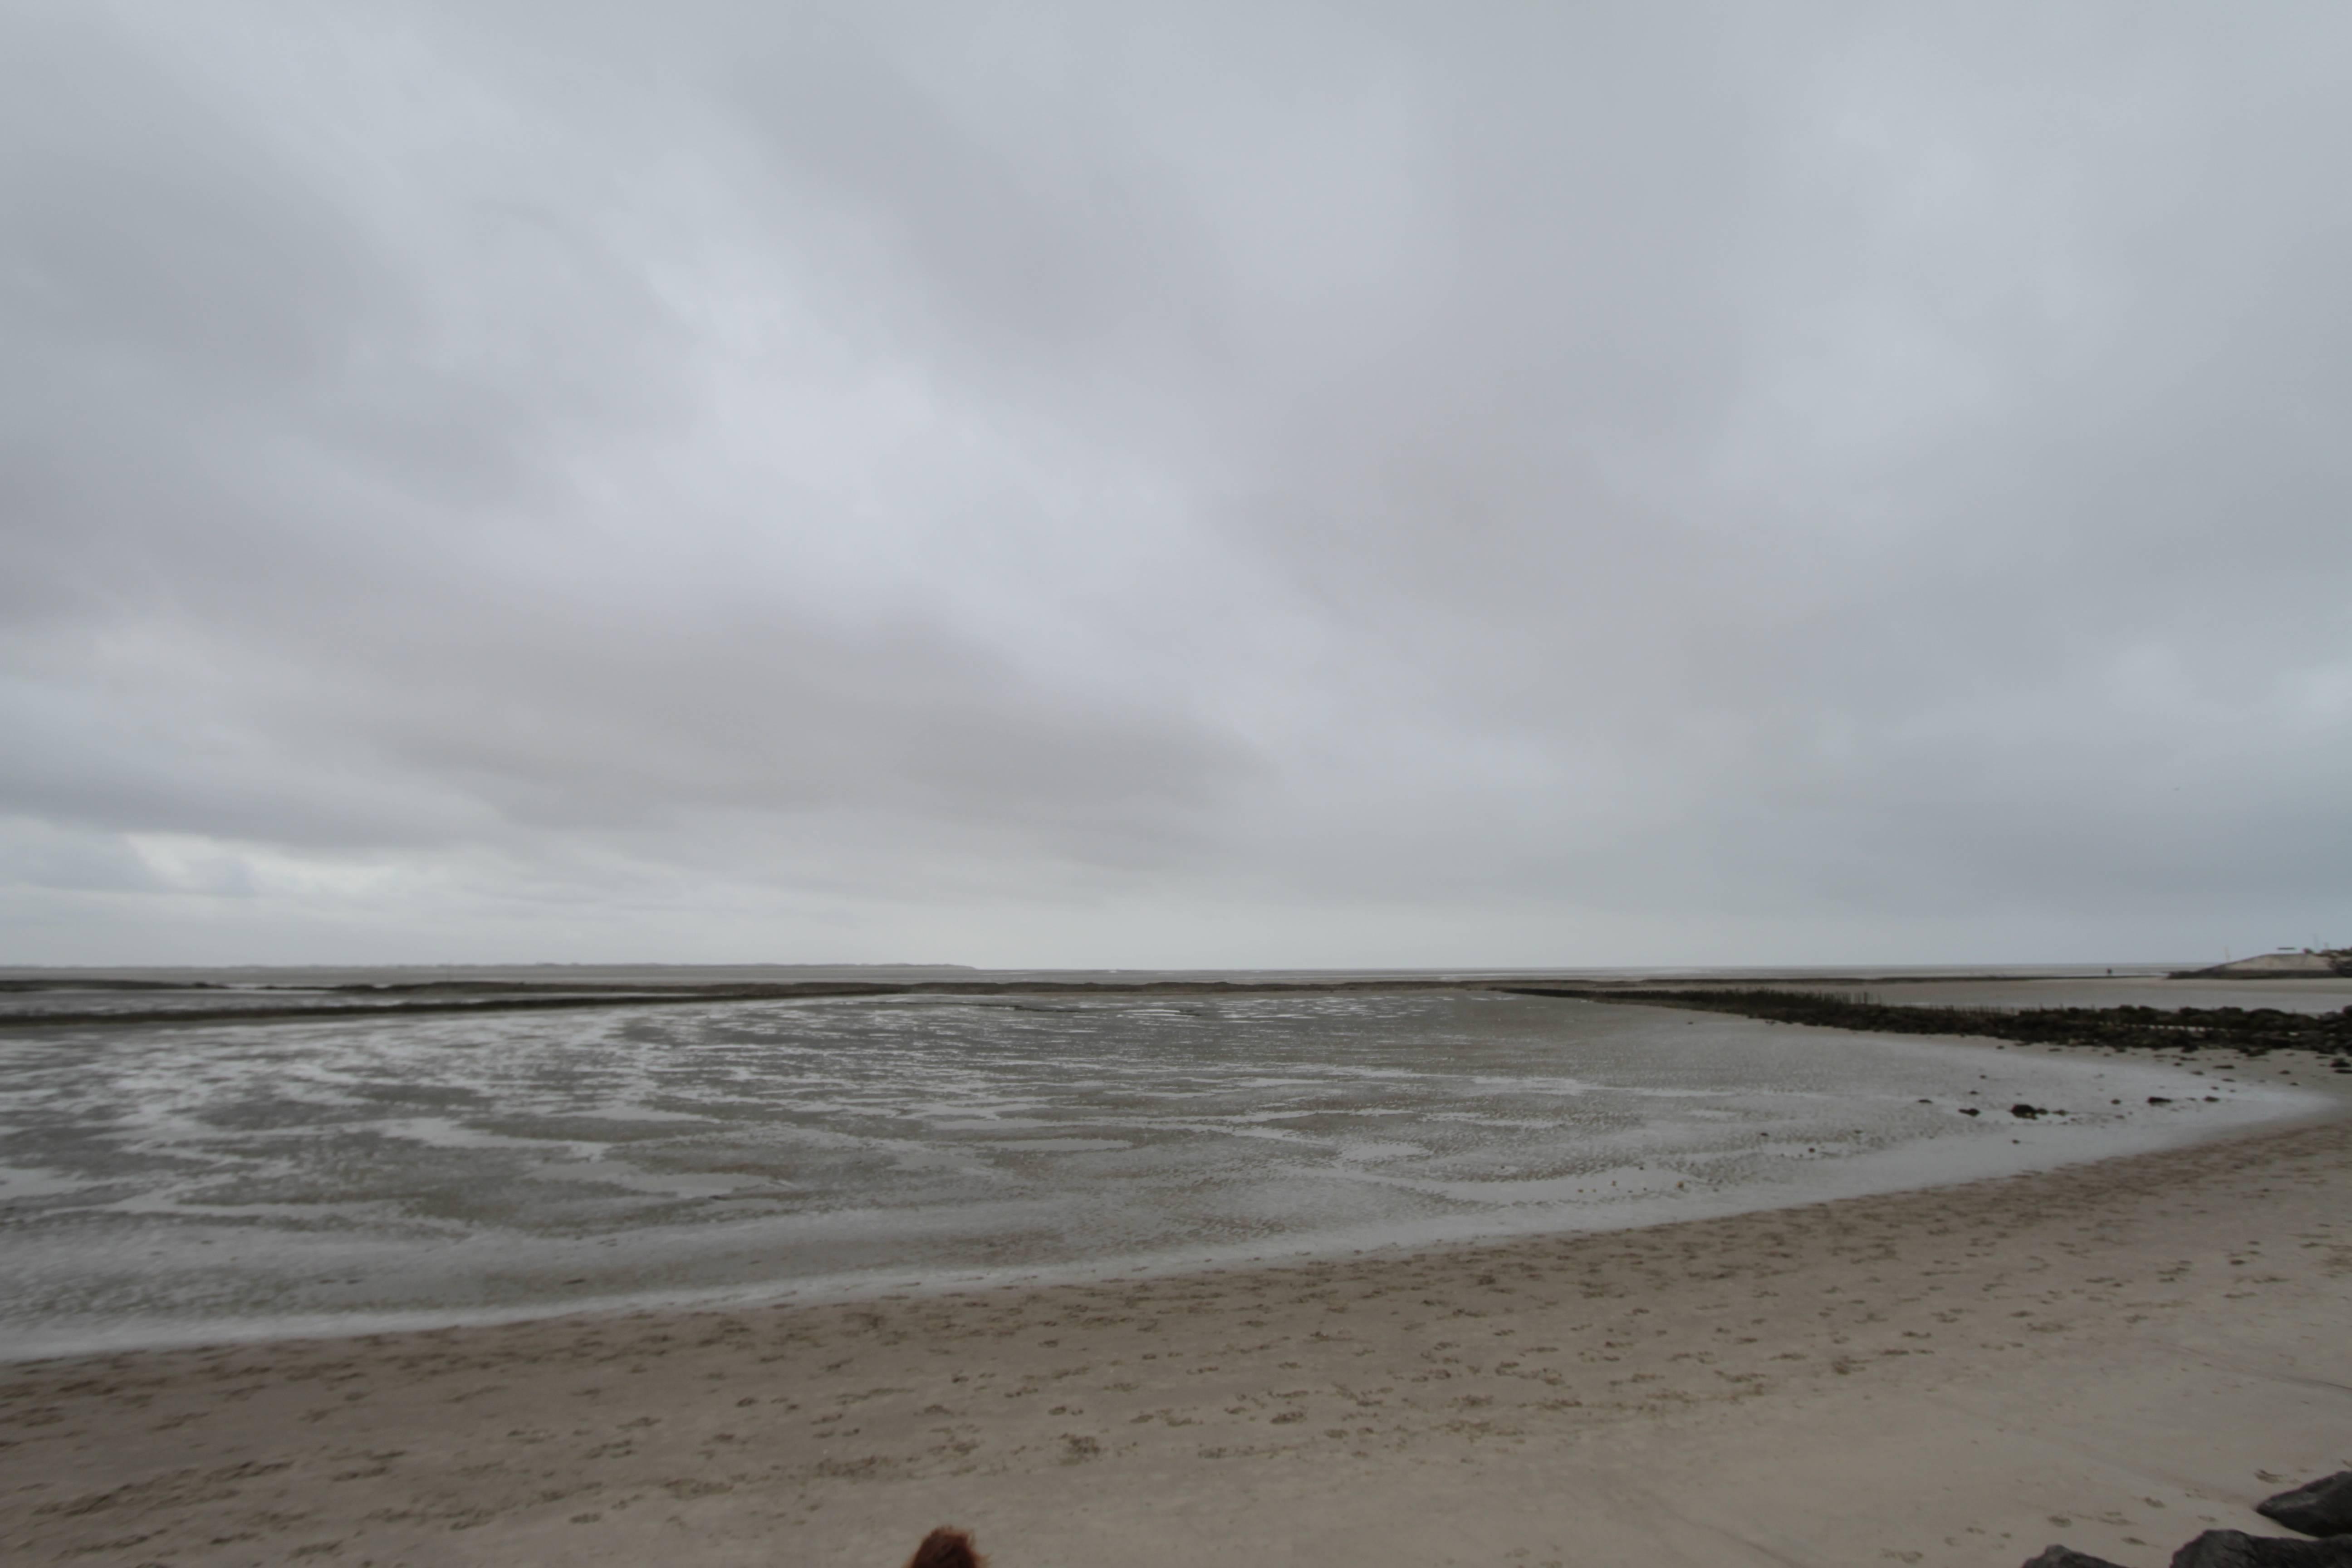 Baie de Somme mai 2015_0148 Berck sur mer Baie d'Authy